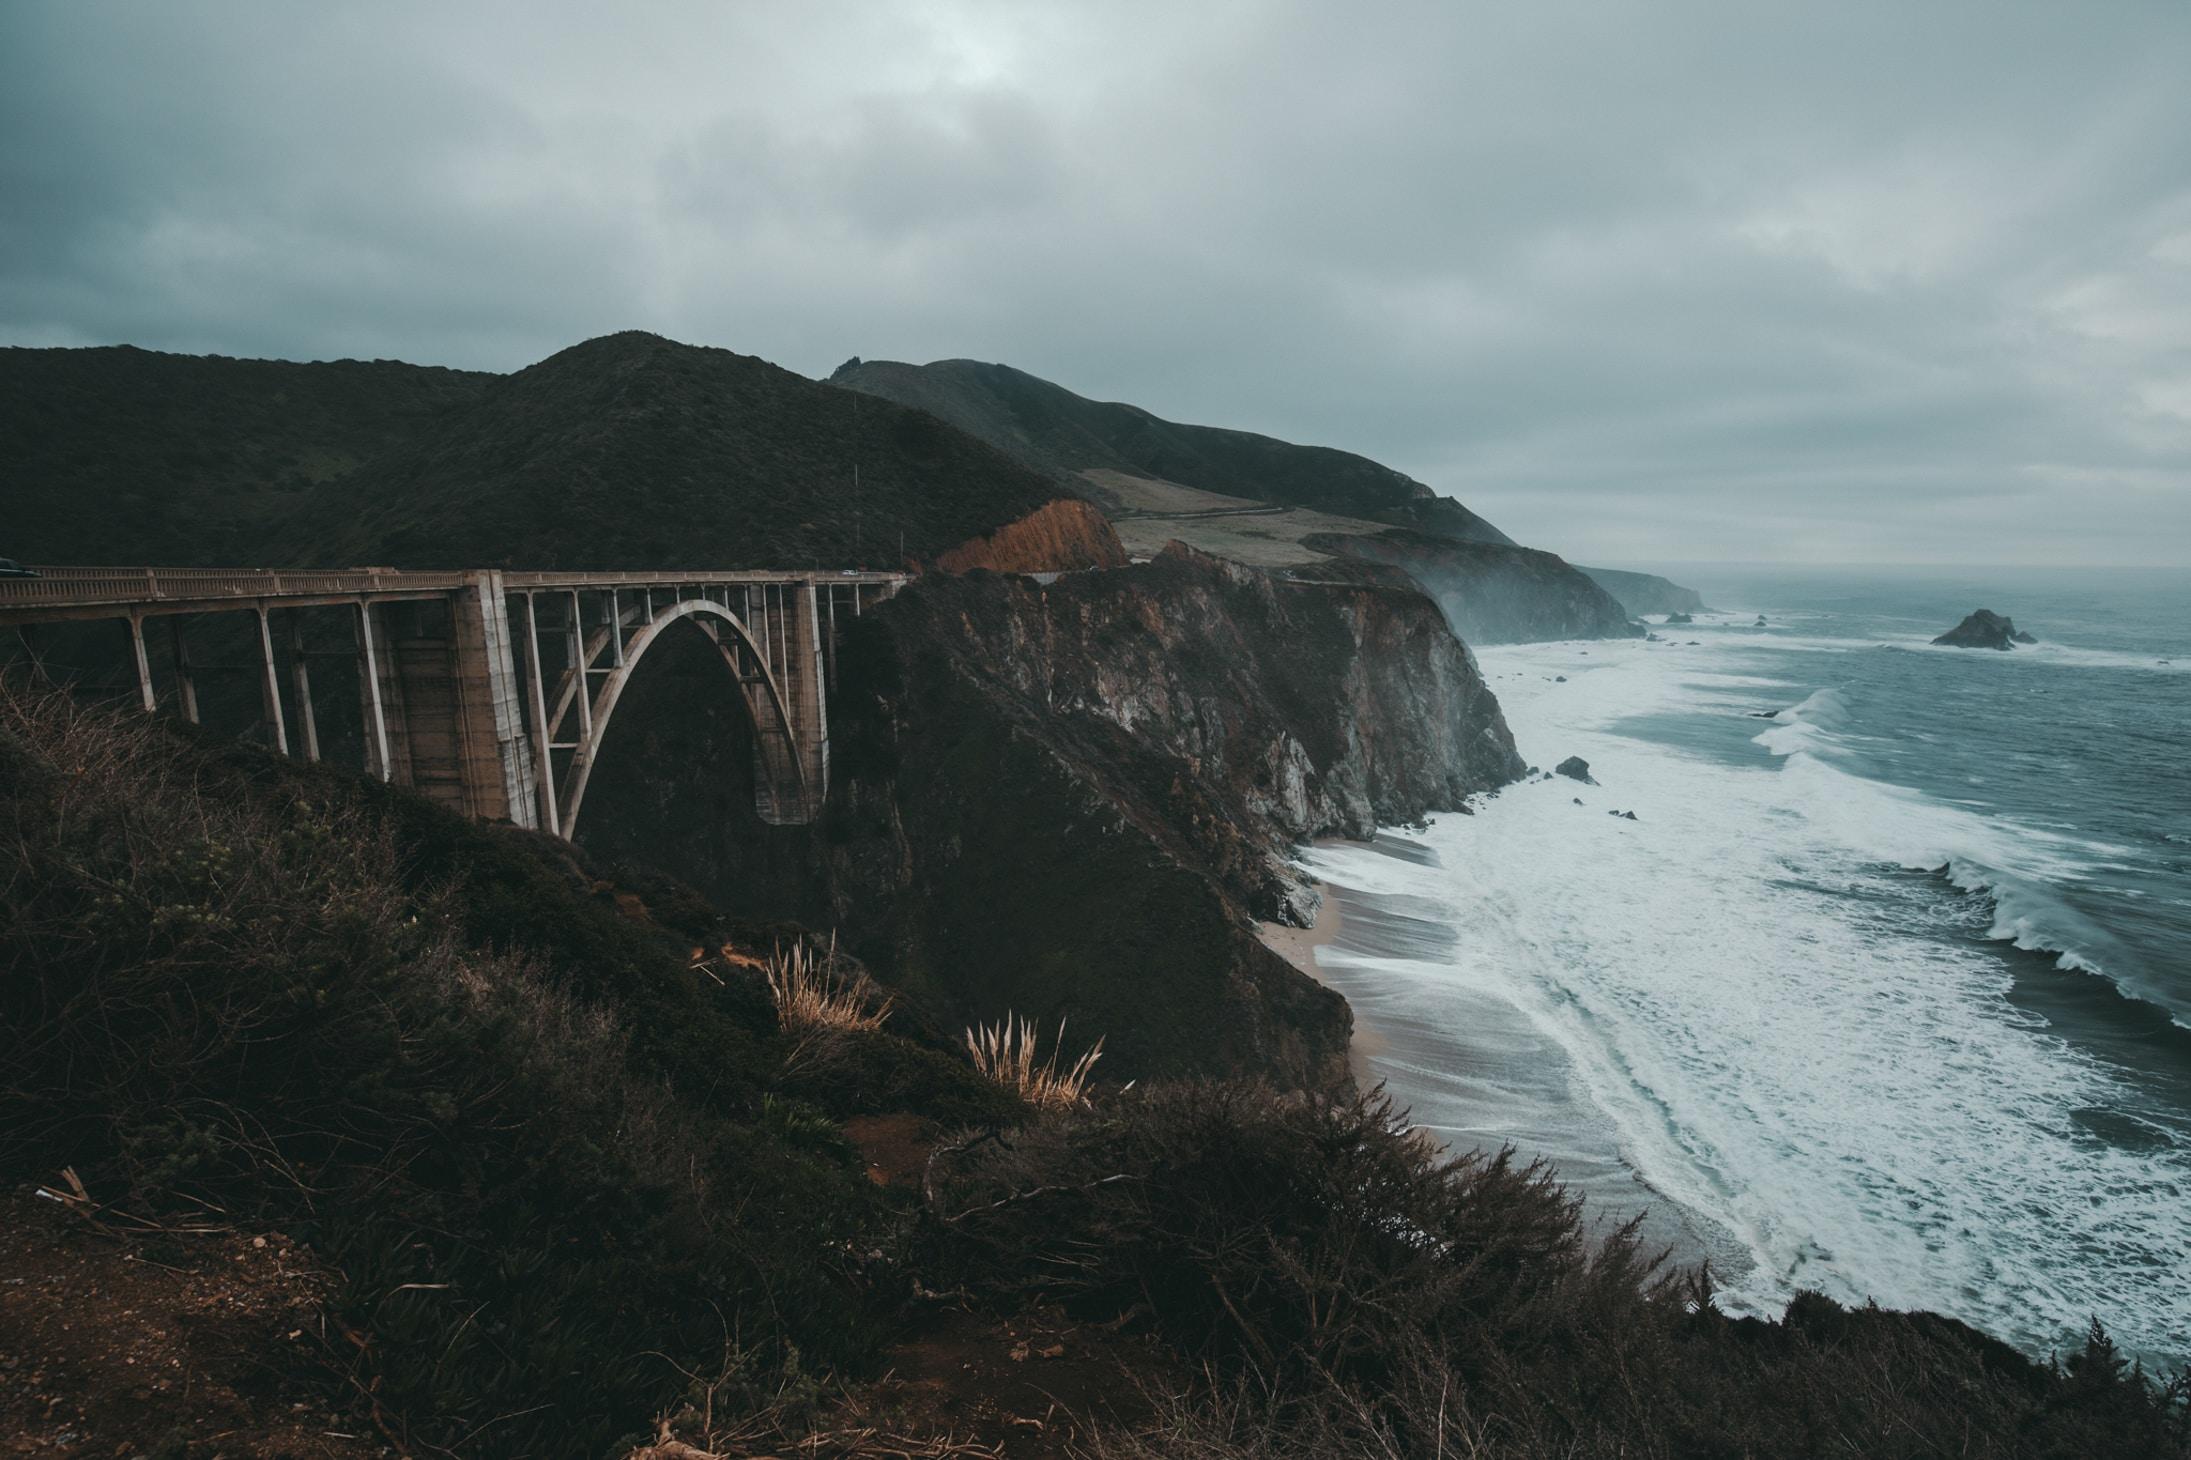 gray bridge between two mountains during daytime